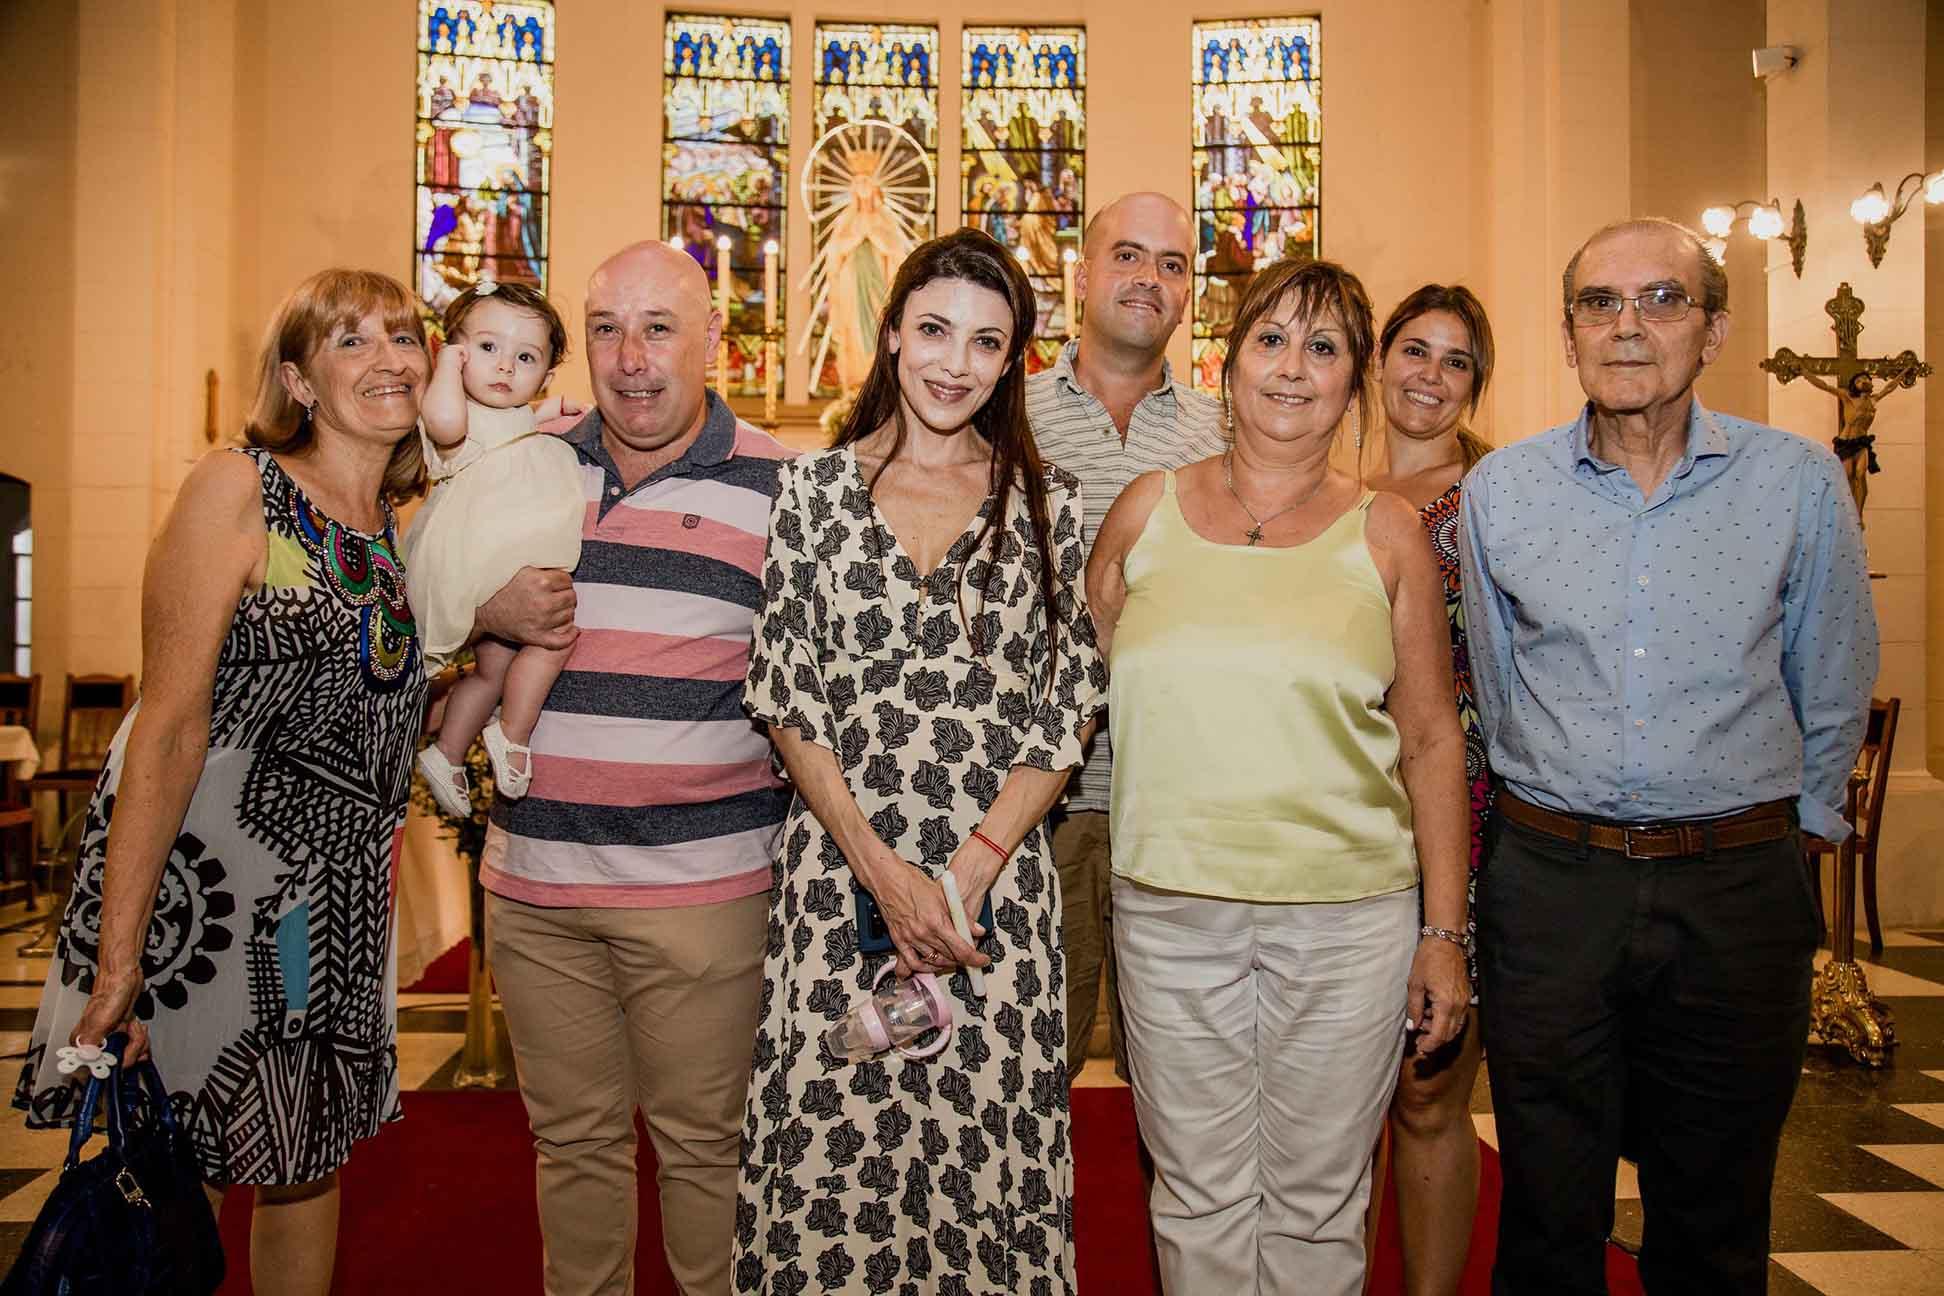 Fotos del bautismo de Guada y el cumple de cuarenta de Vicky en Rosario realizadas por Bucle Fotografías Flor Bosio y Caro Clerici